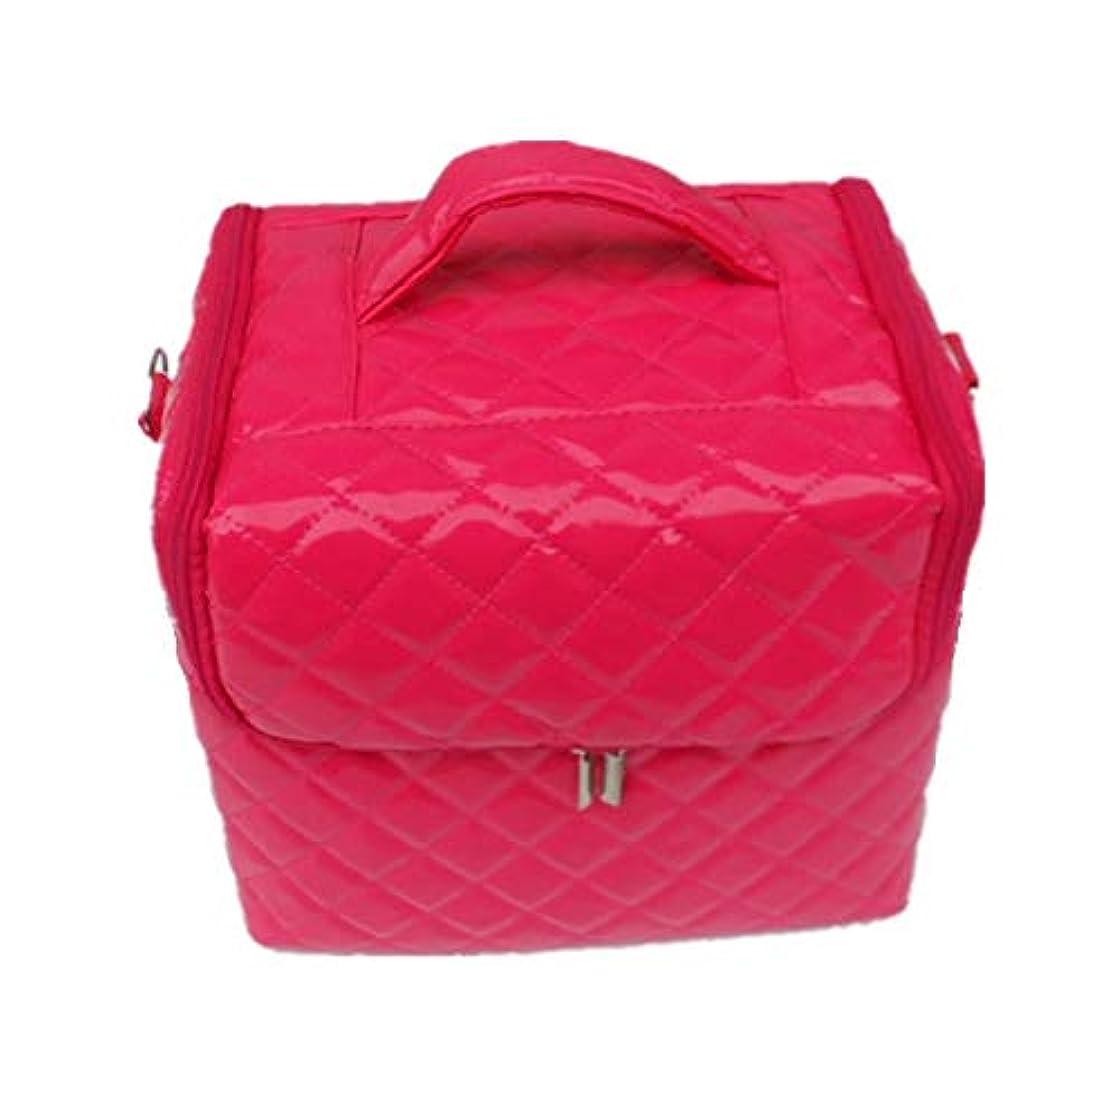 ビデオ勤勉な実験室化粧オーガナイザーバッグ 美容メイクアップのための大容量ポータブル化粧品バッグと女性の女性の旅行とジッパーと折り畳みトレイで毎日のストレージ用 化粧品ケース